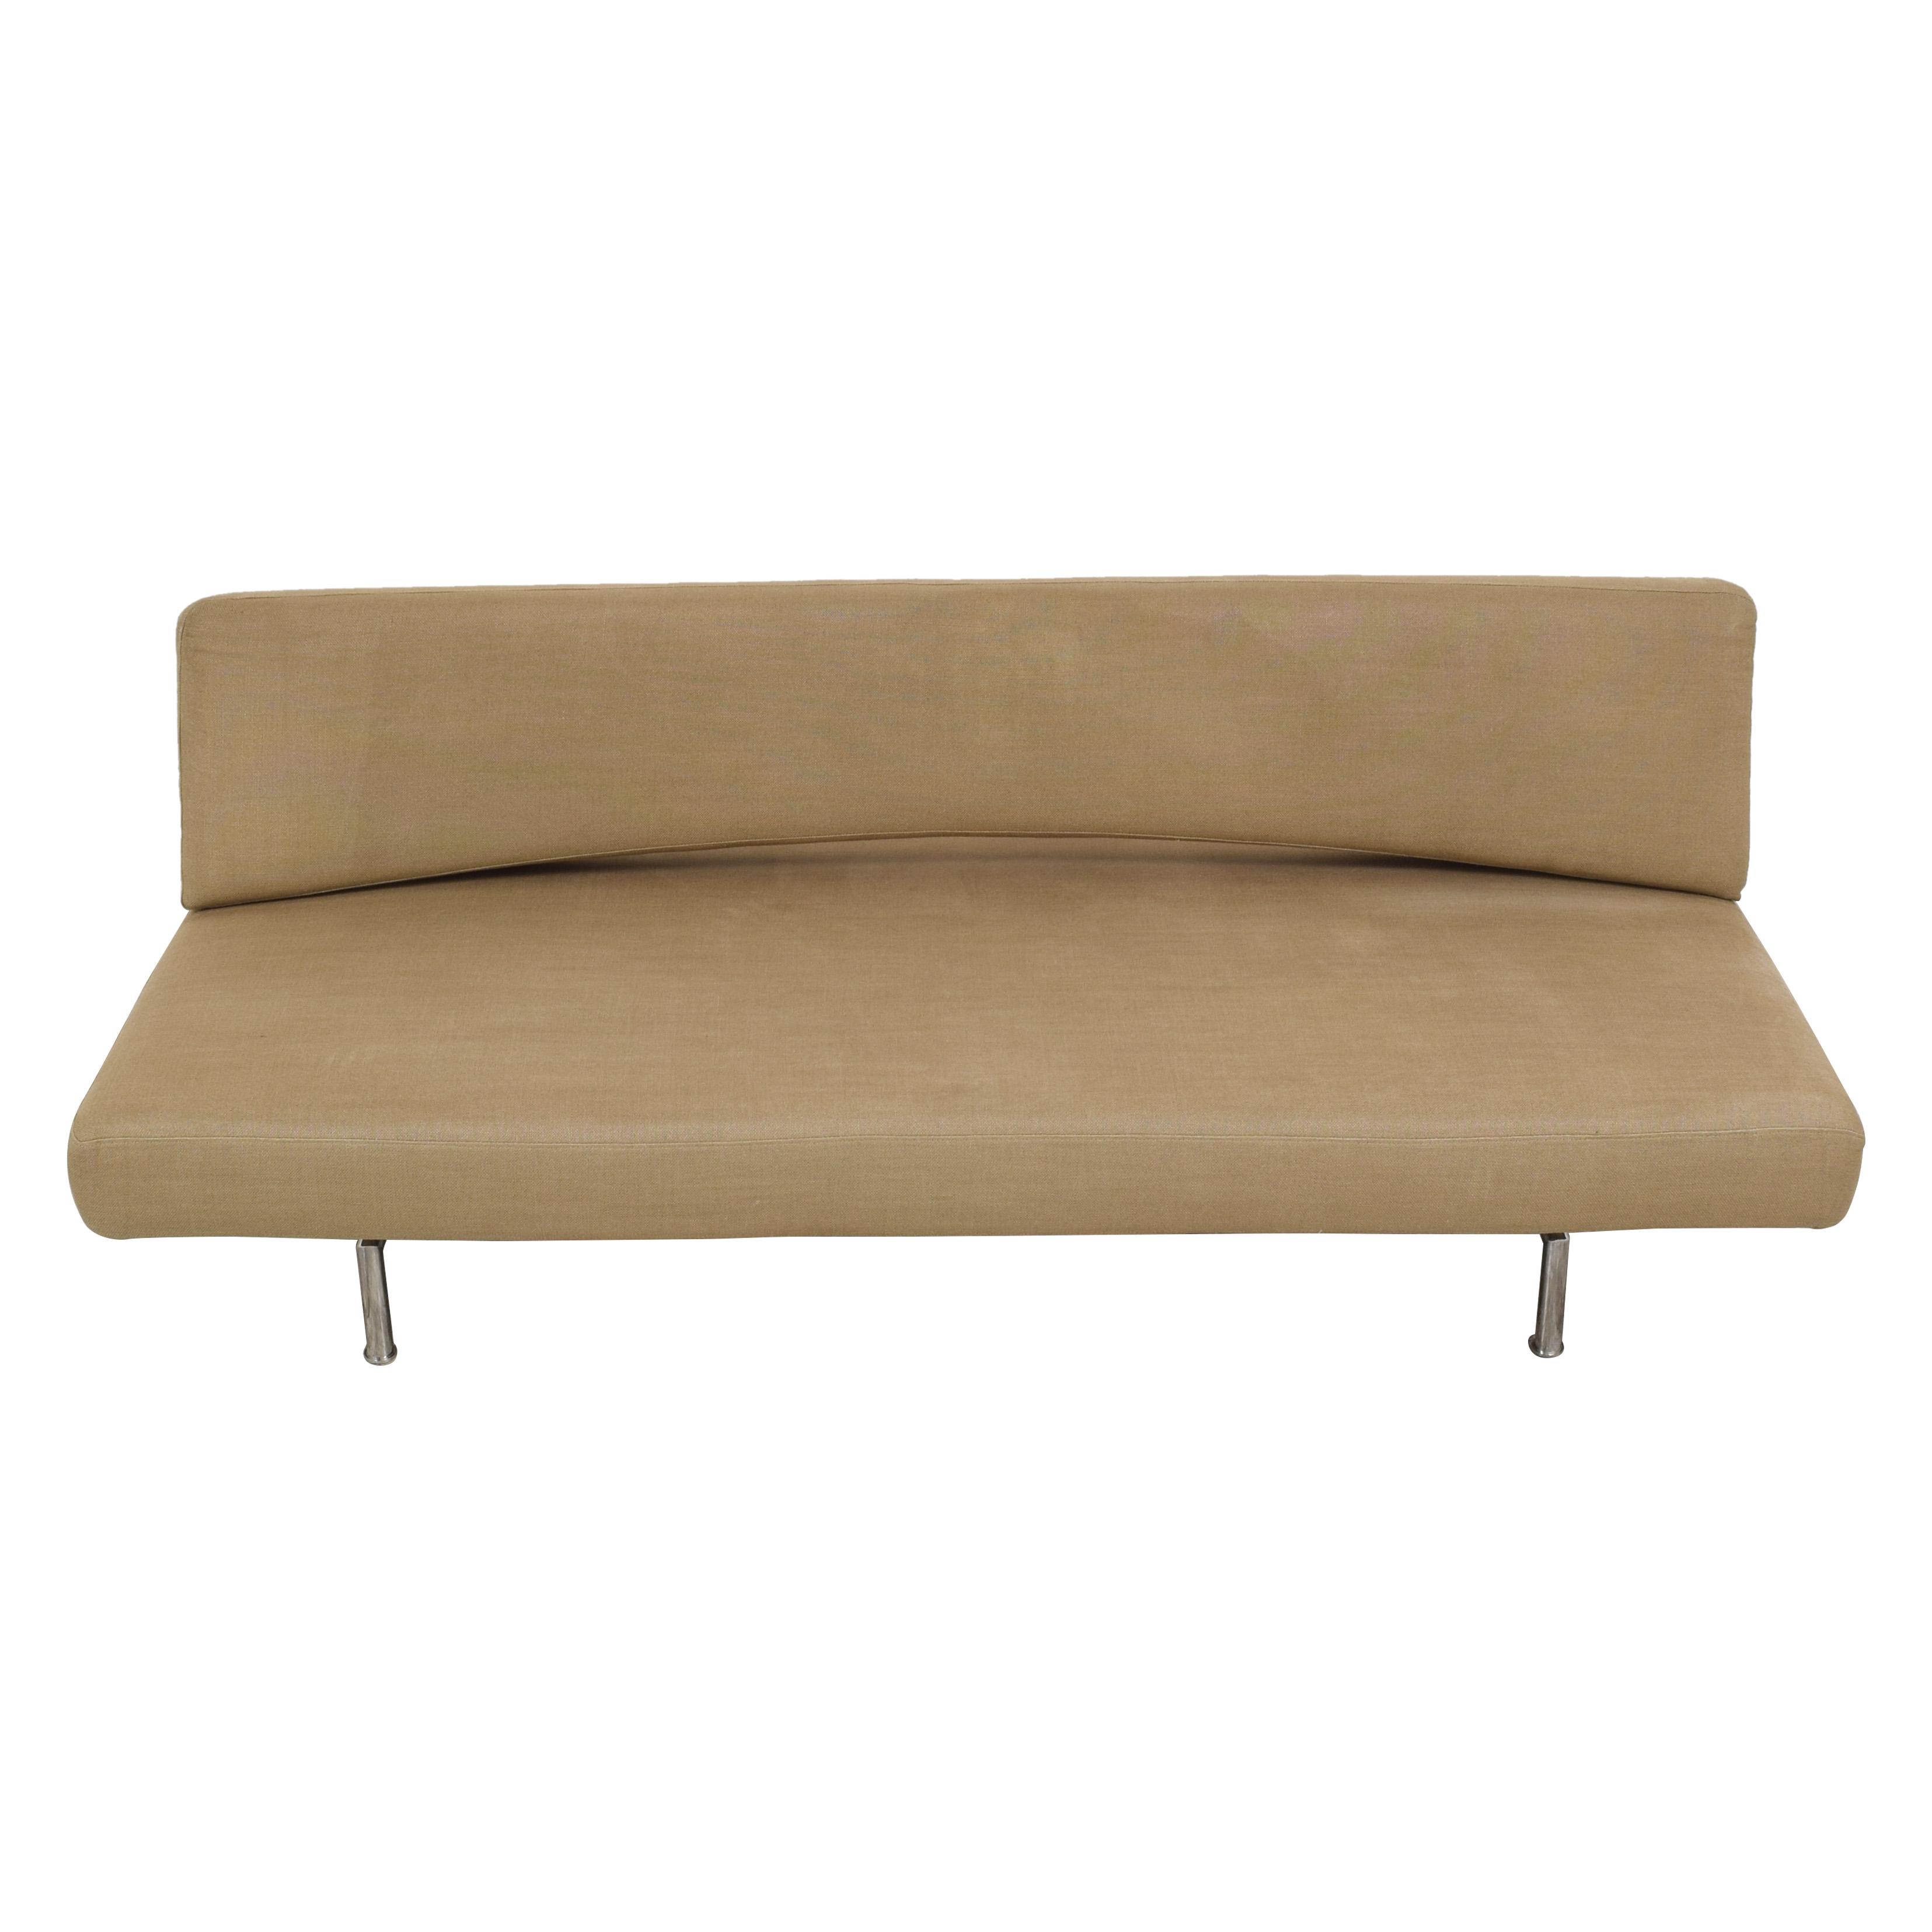 Bonaldo Bonaldo Pierrot Sleeper Sofa Sofas